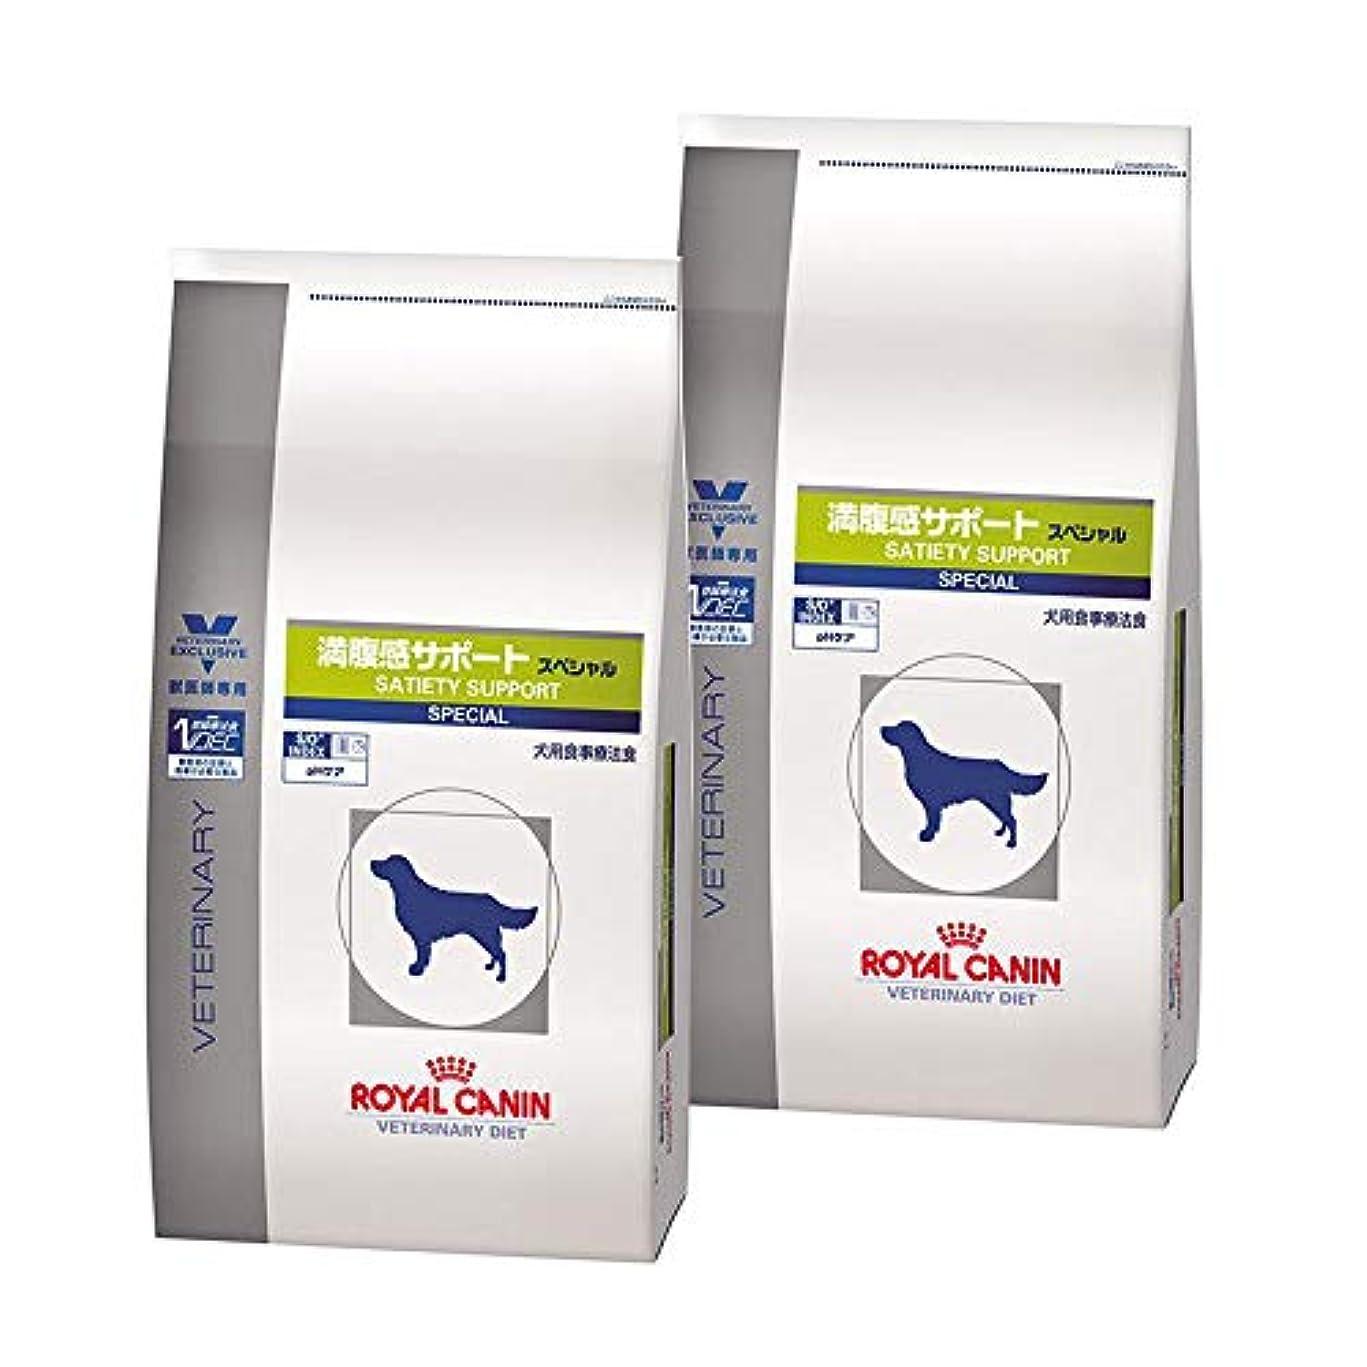 窓を洗う幾何学身元【2袋セット】ロイヤルカナン 食事療法食 犬用 満腹感サポートスペシャル ドライ 3kg